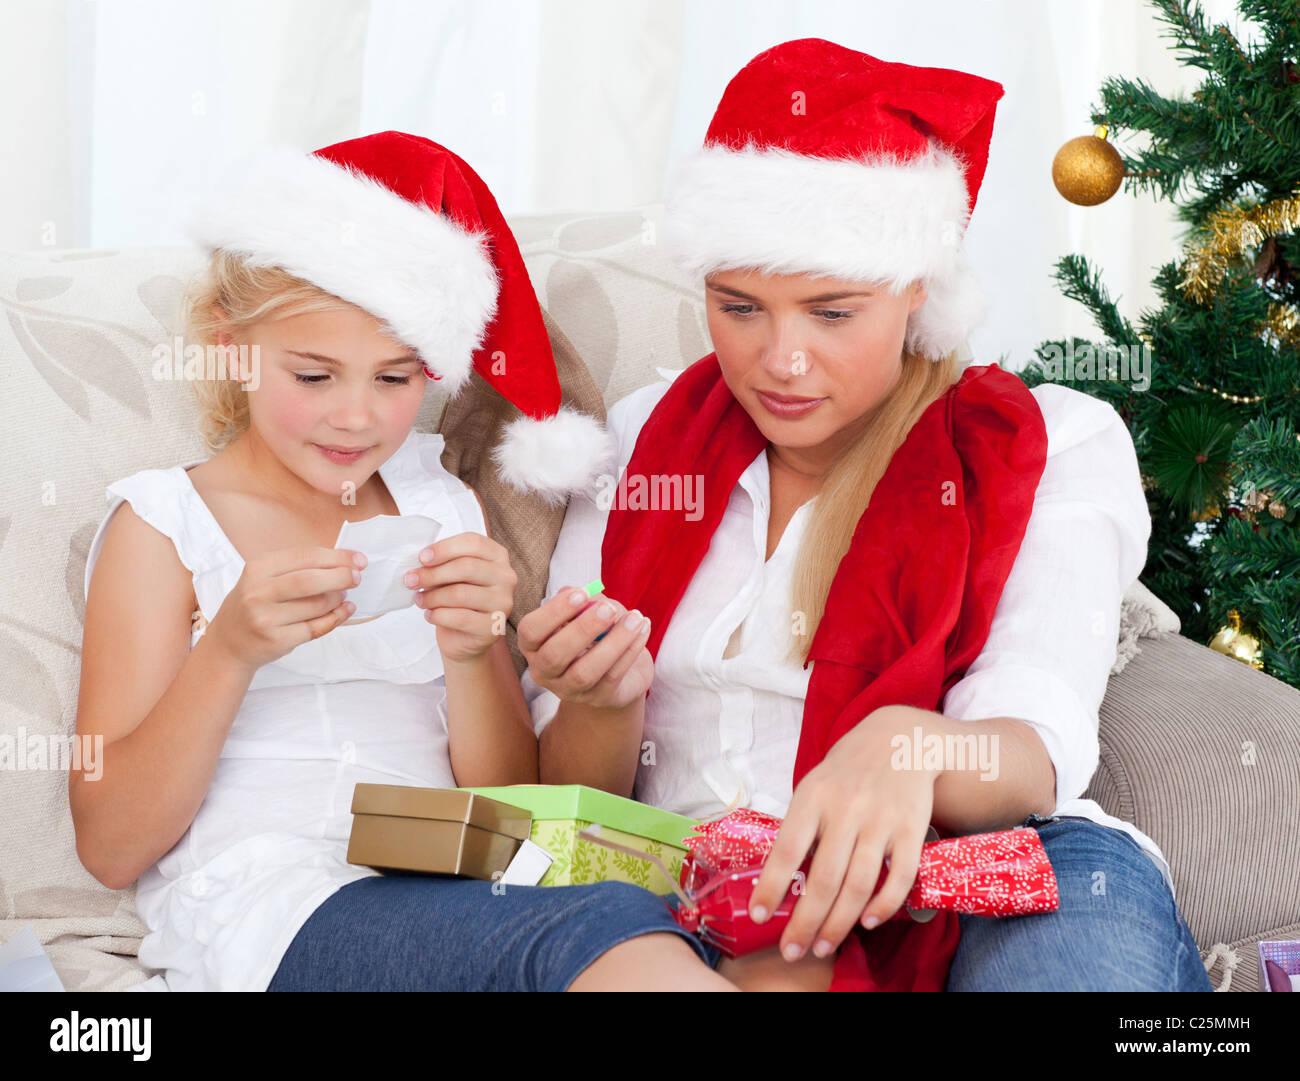 Wunderbare Frau am Weihnachtstag mit ihrer Tochter Stockbild